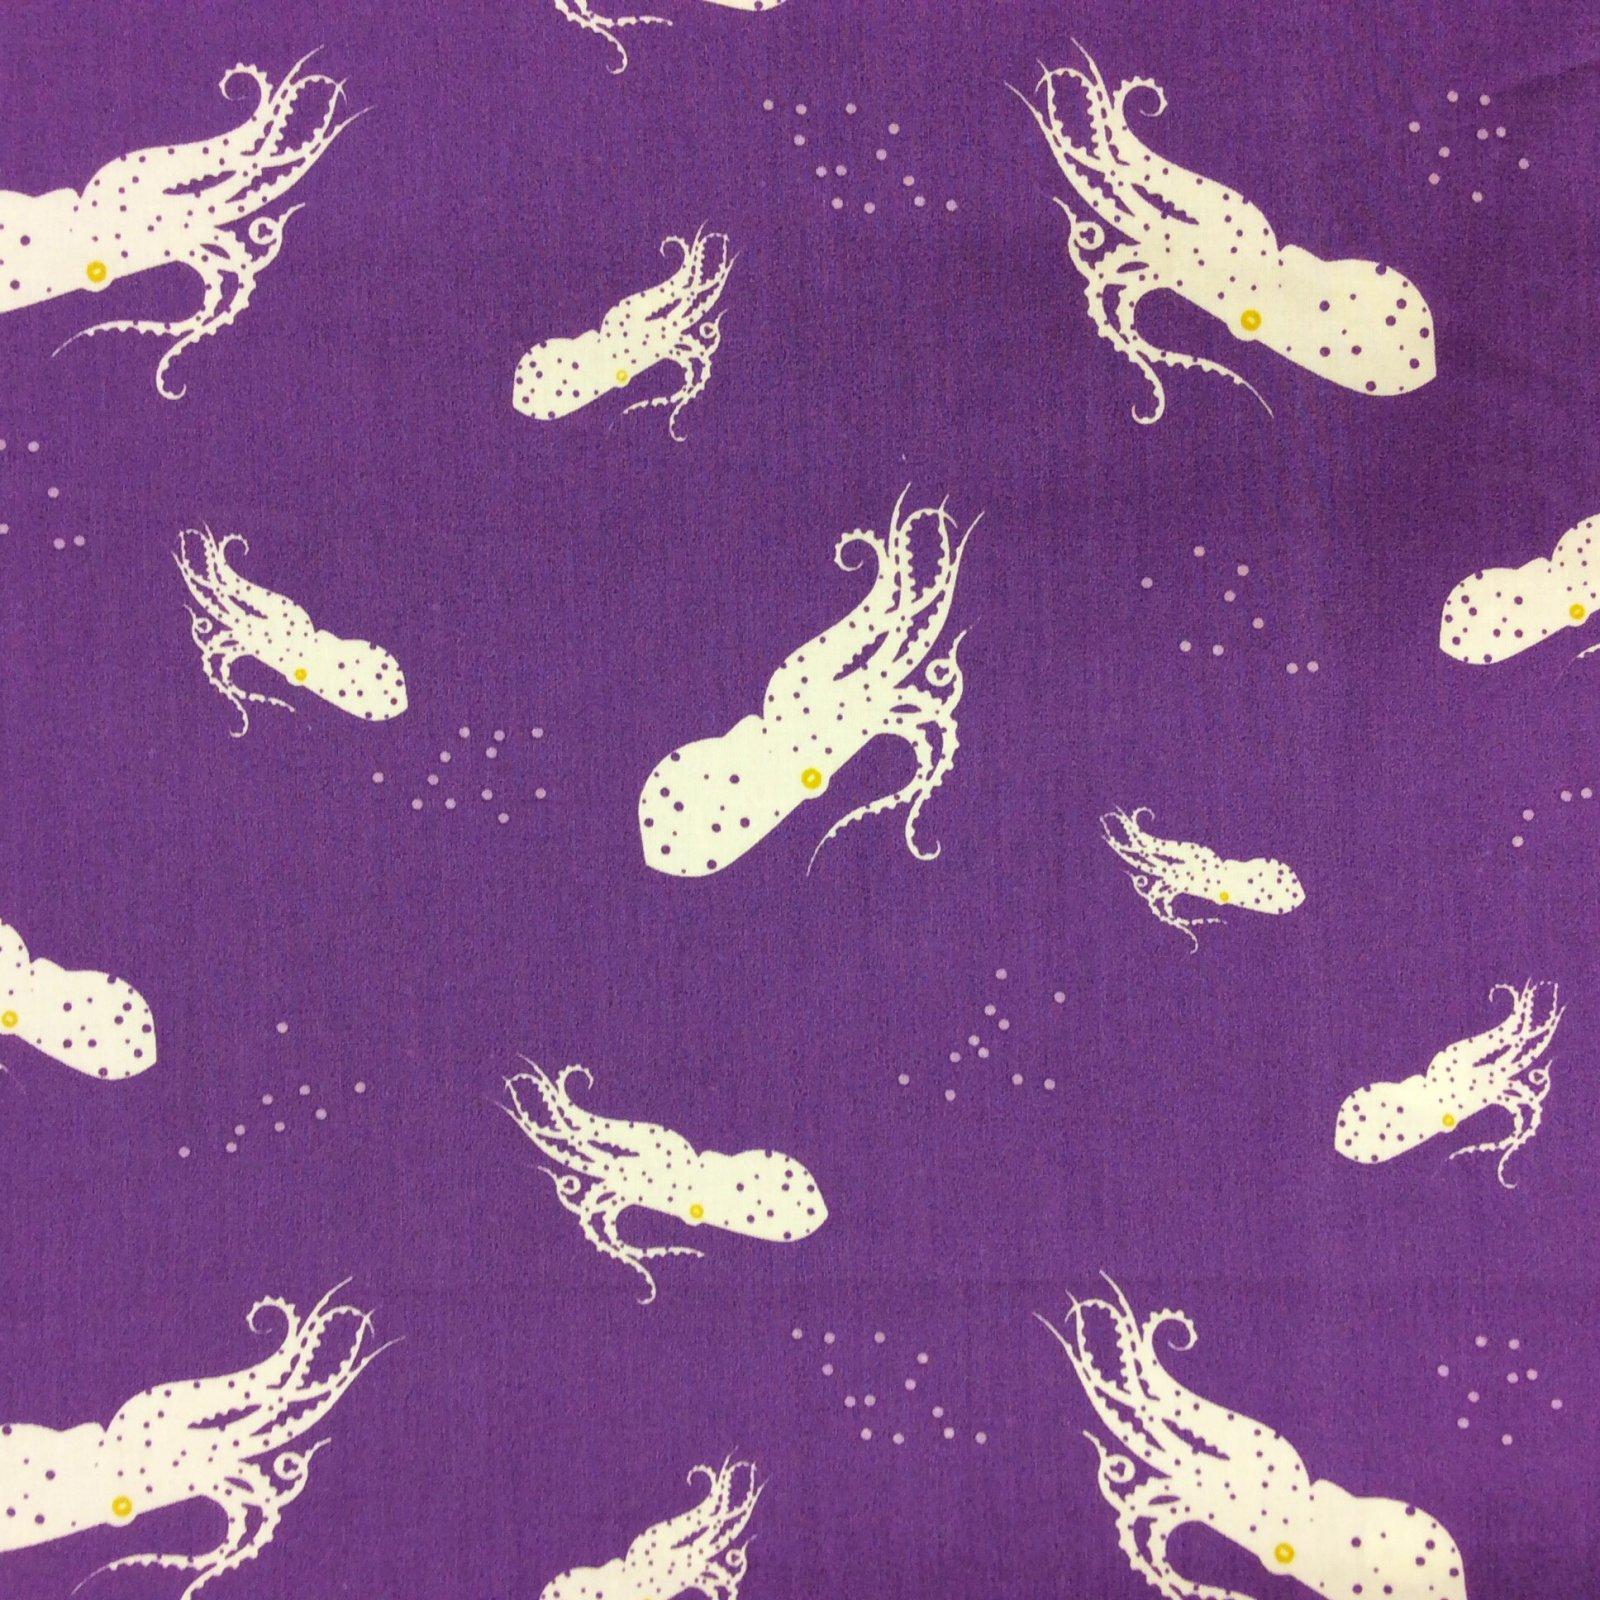 Charley Harper Octo School Purple Octopus Water Ocean Squid ... : organic cotton quilt fabric - Adamdwight.com